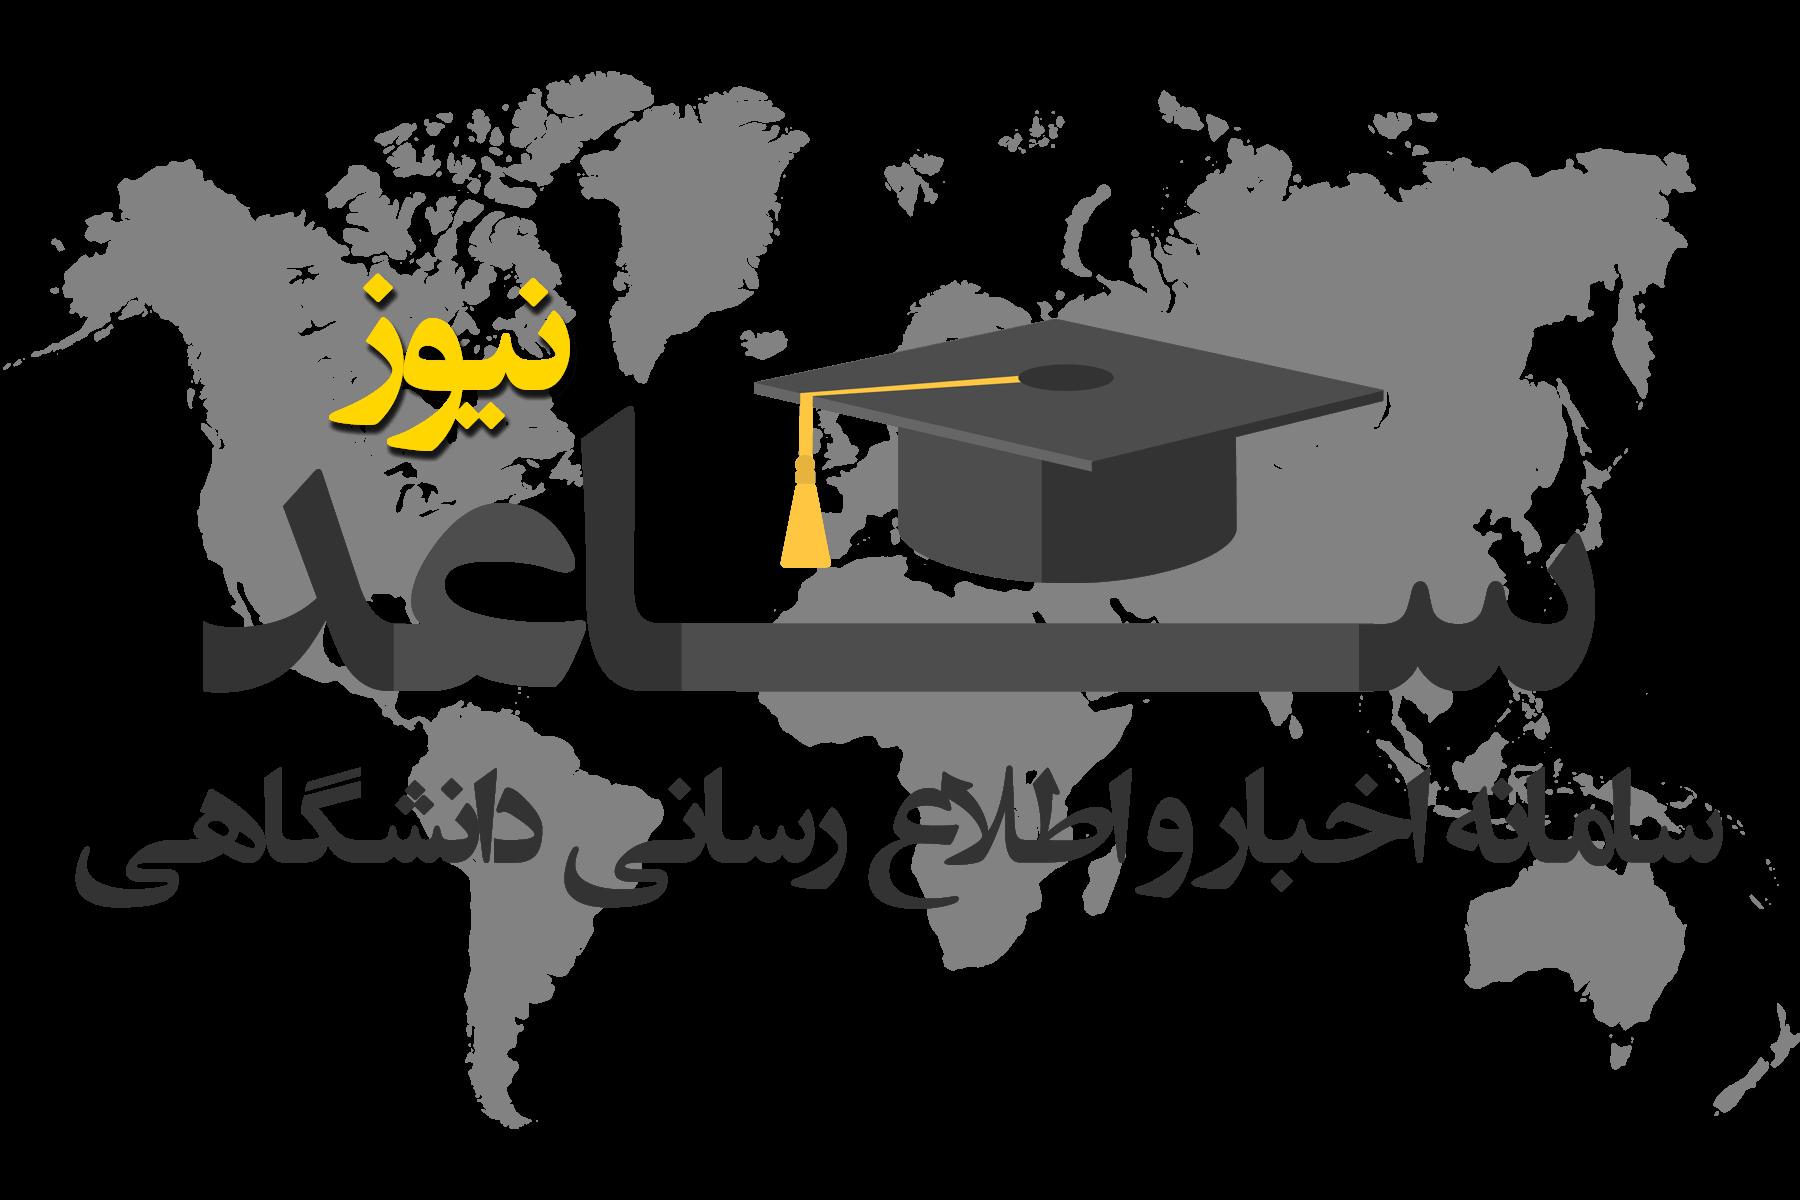 سامانه اخبار و اطلاع رسانی دانشگاهی